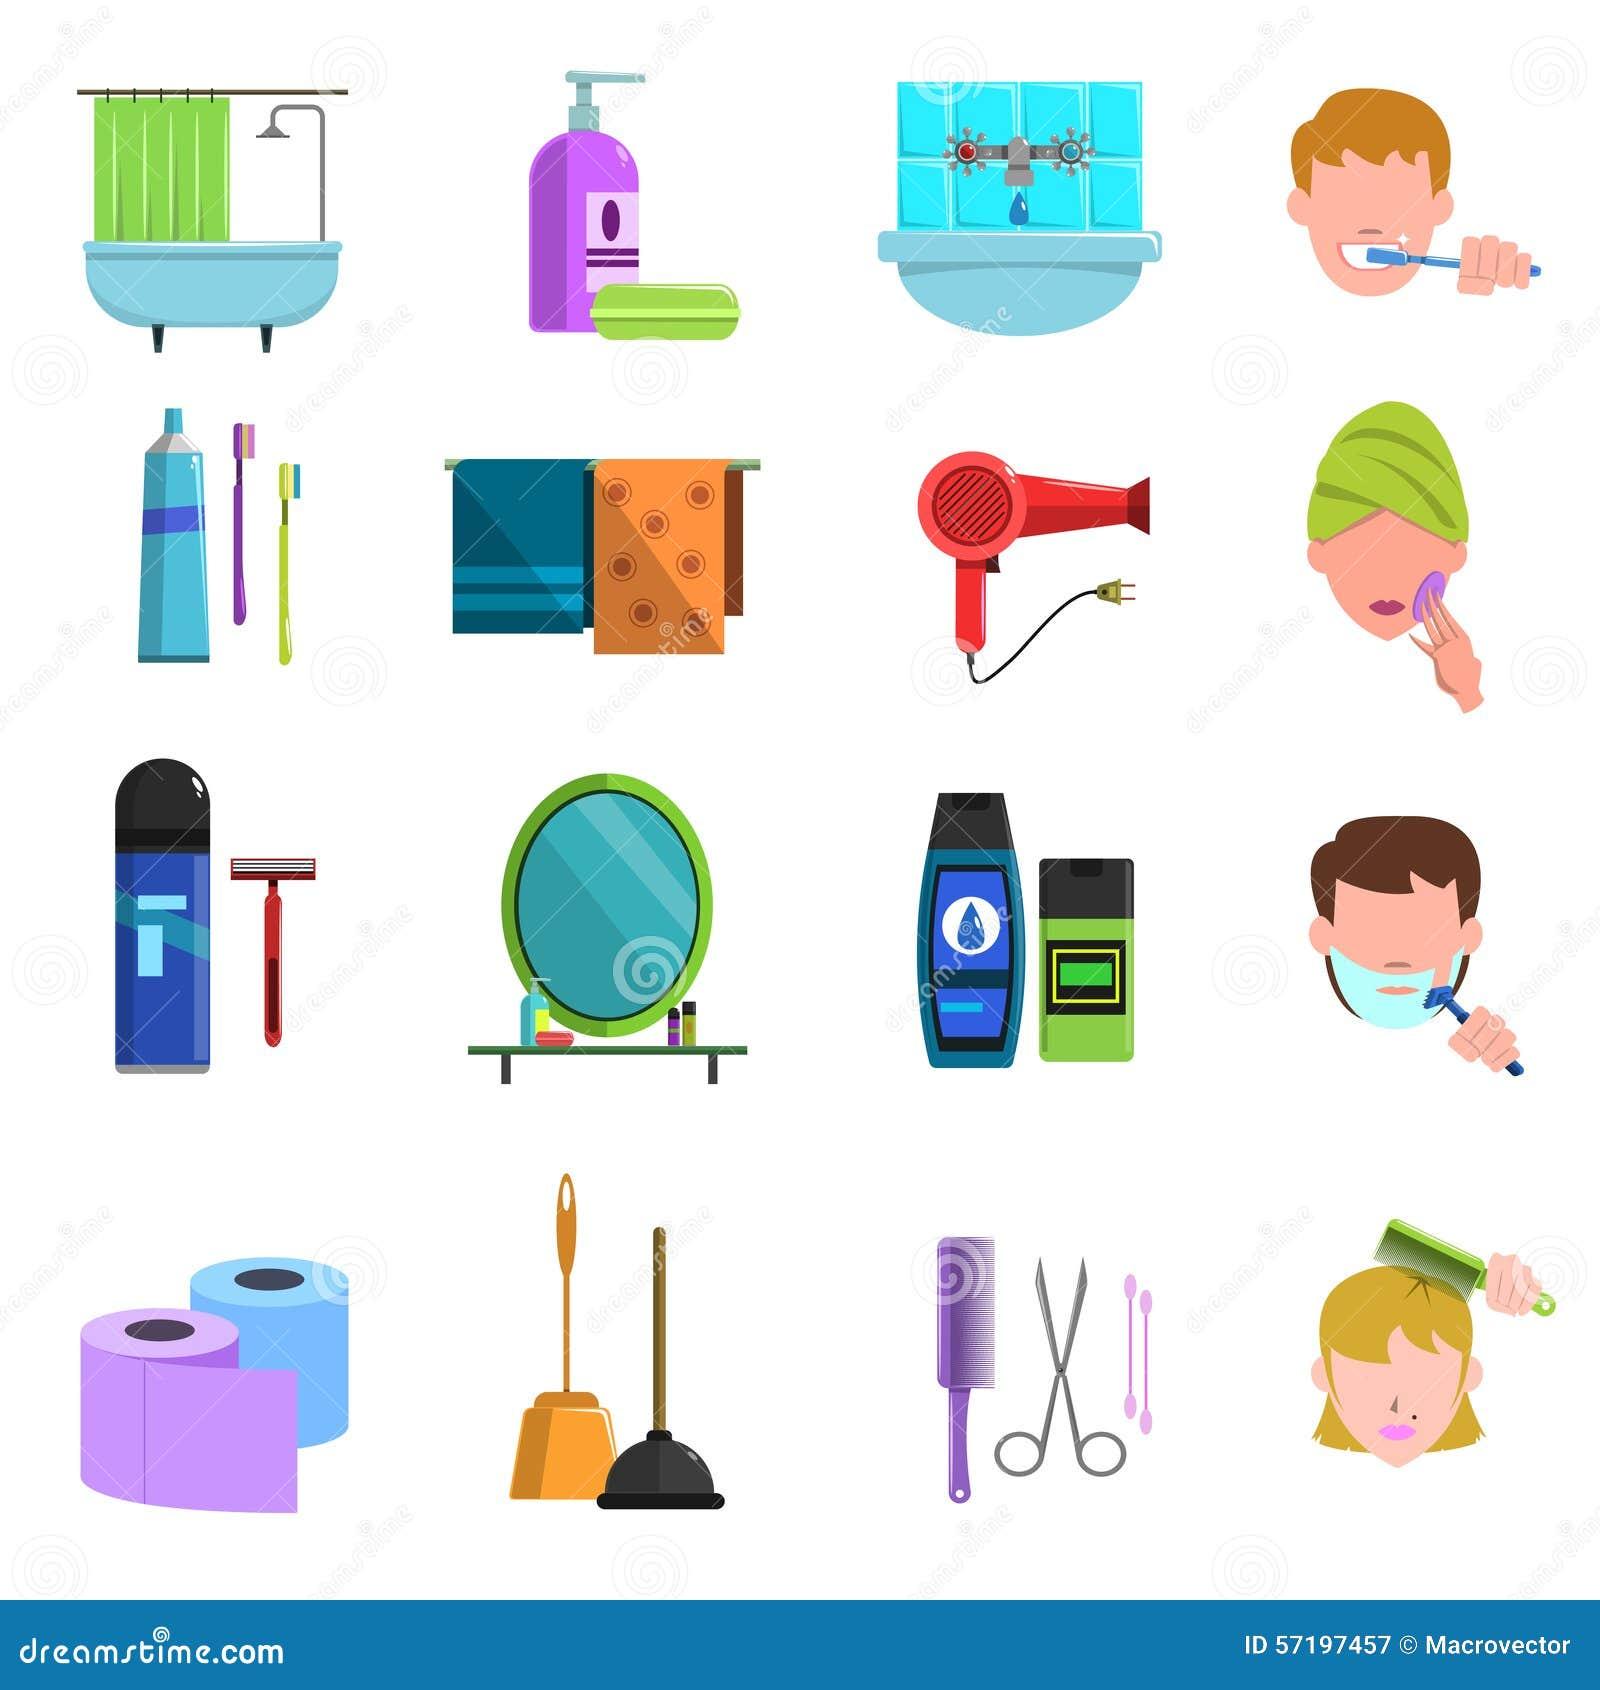 flache-ikonen-der-krperpflegeprodukte-ei